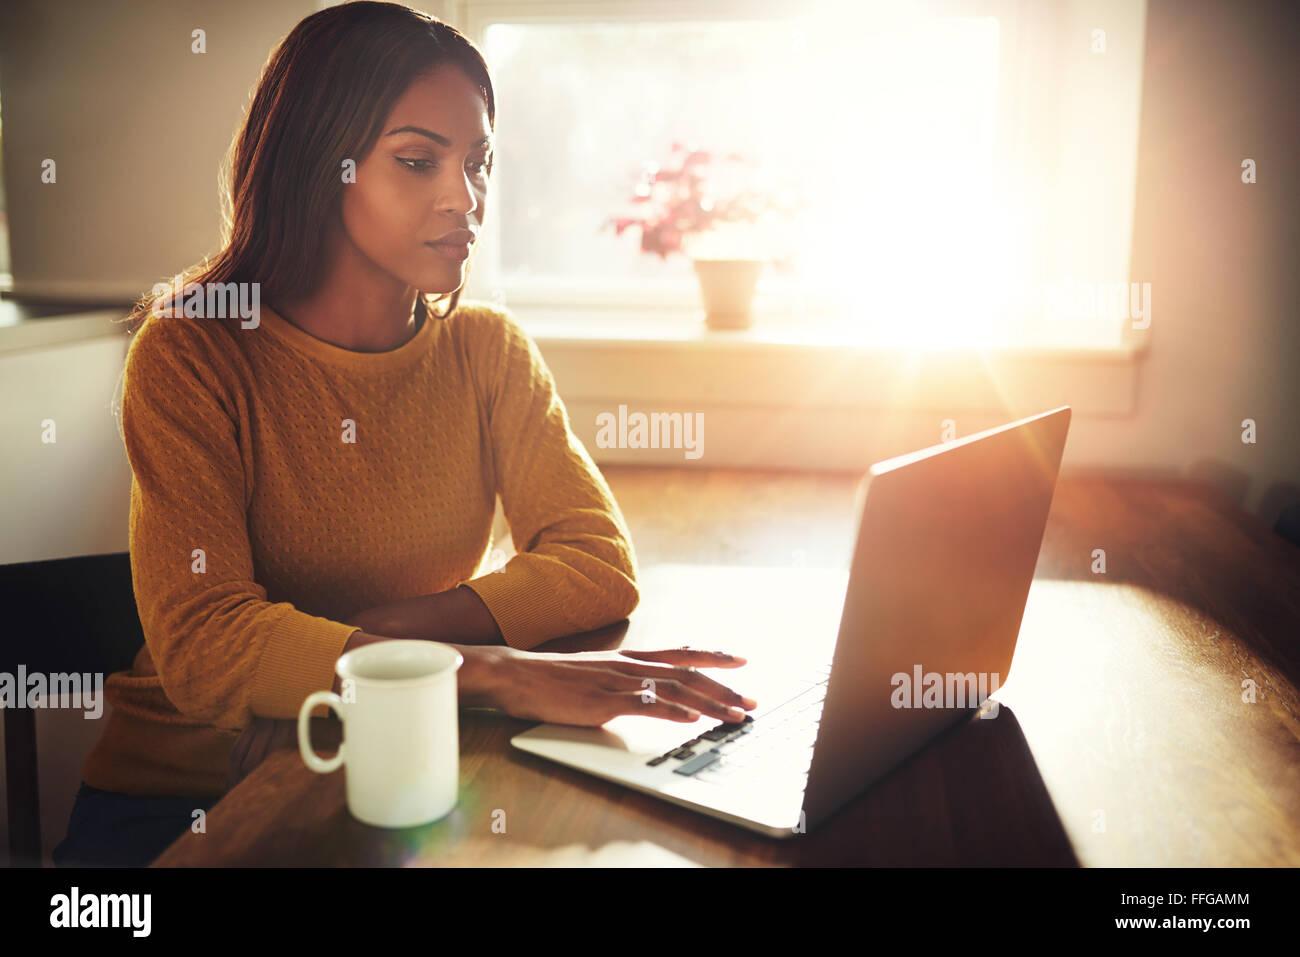 Splendido nero femmina singola seduta a tavola con la coppa e la digitazione sul portatile con sole luminoso proveniente Immagini Stock